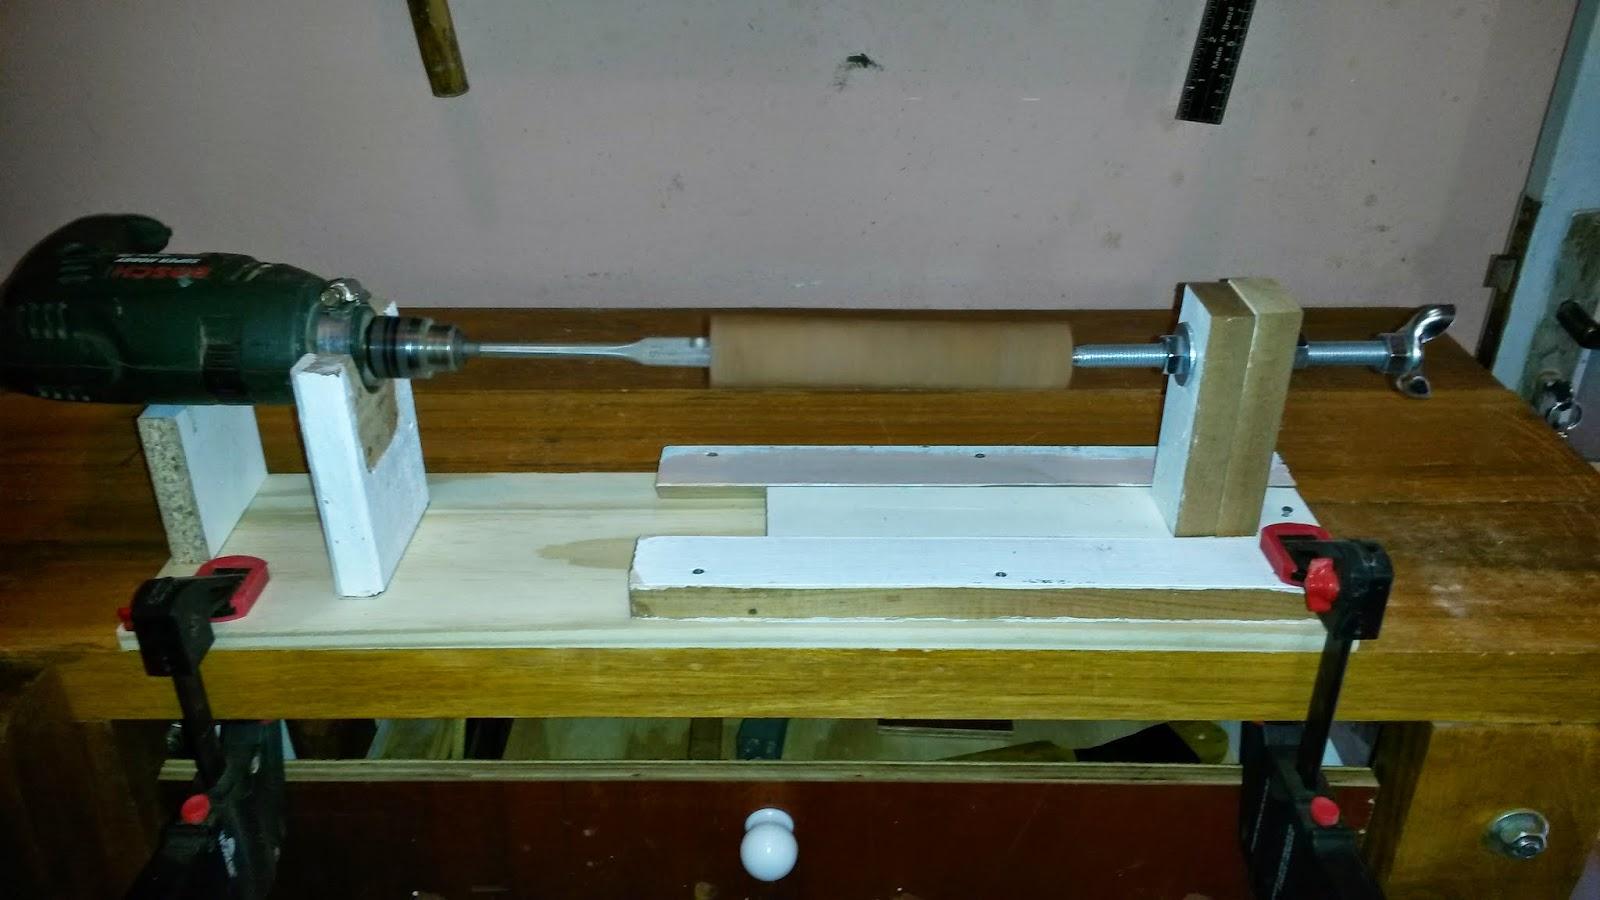 Oficina do Quintal: Como fazer um mini torno para madeira #5F4510 1600x900